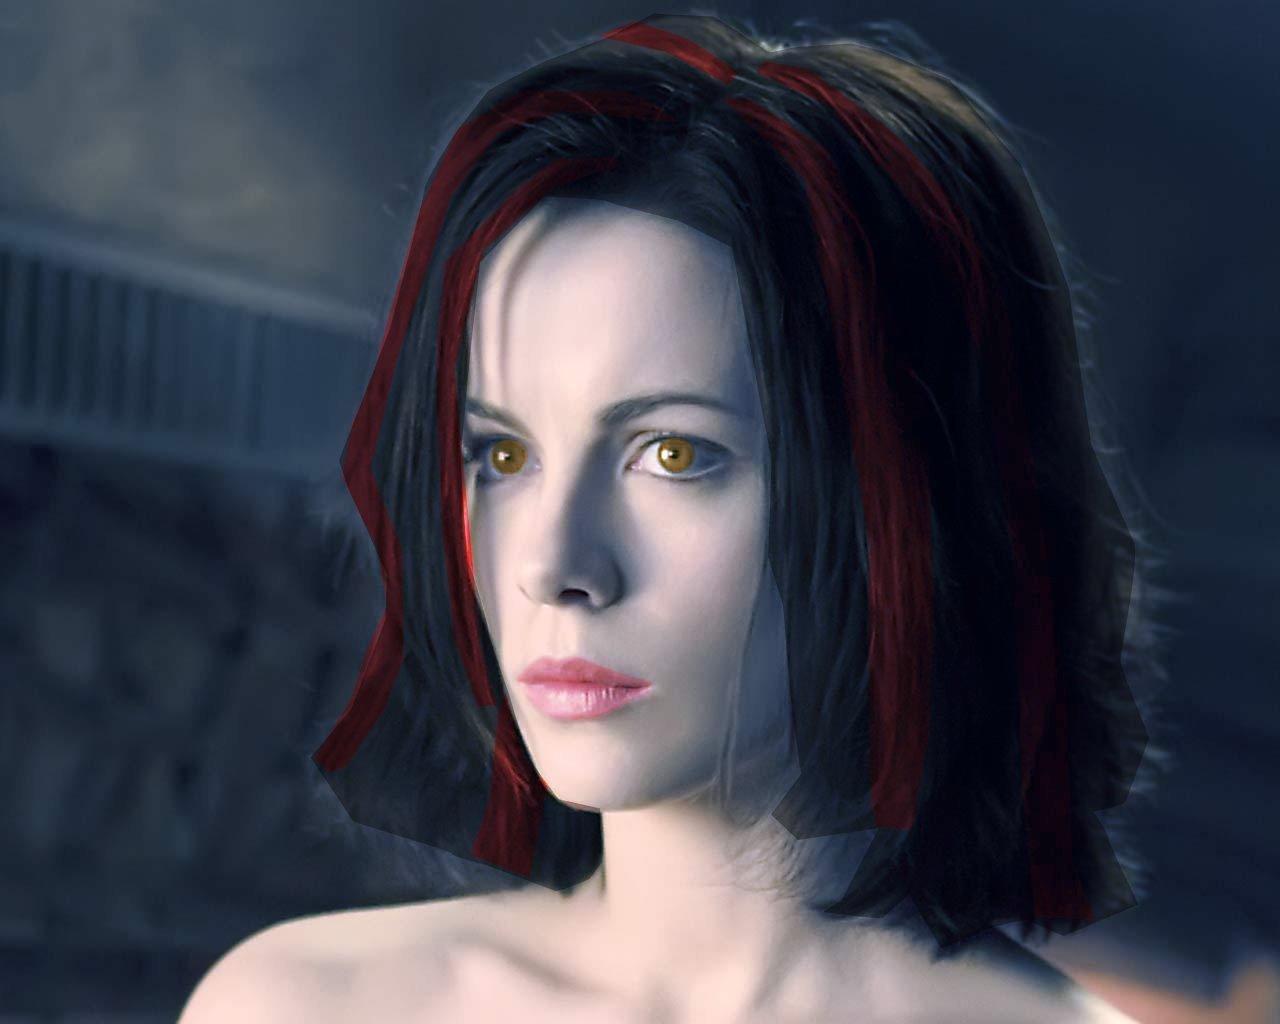 Selene as a Twilight Vampire